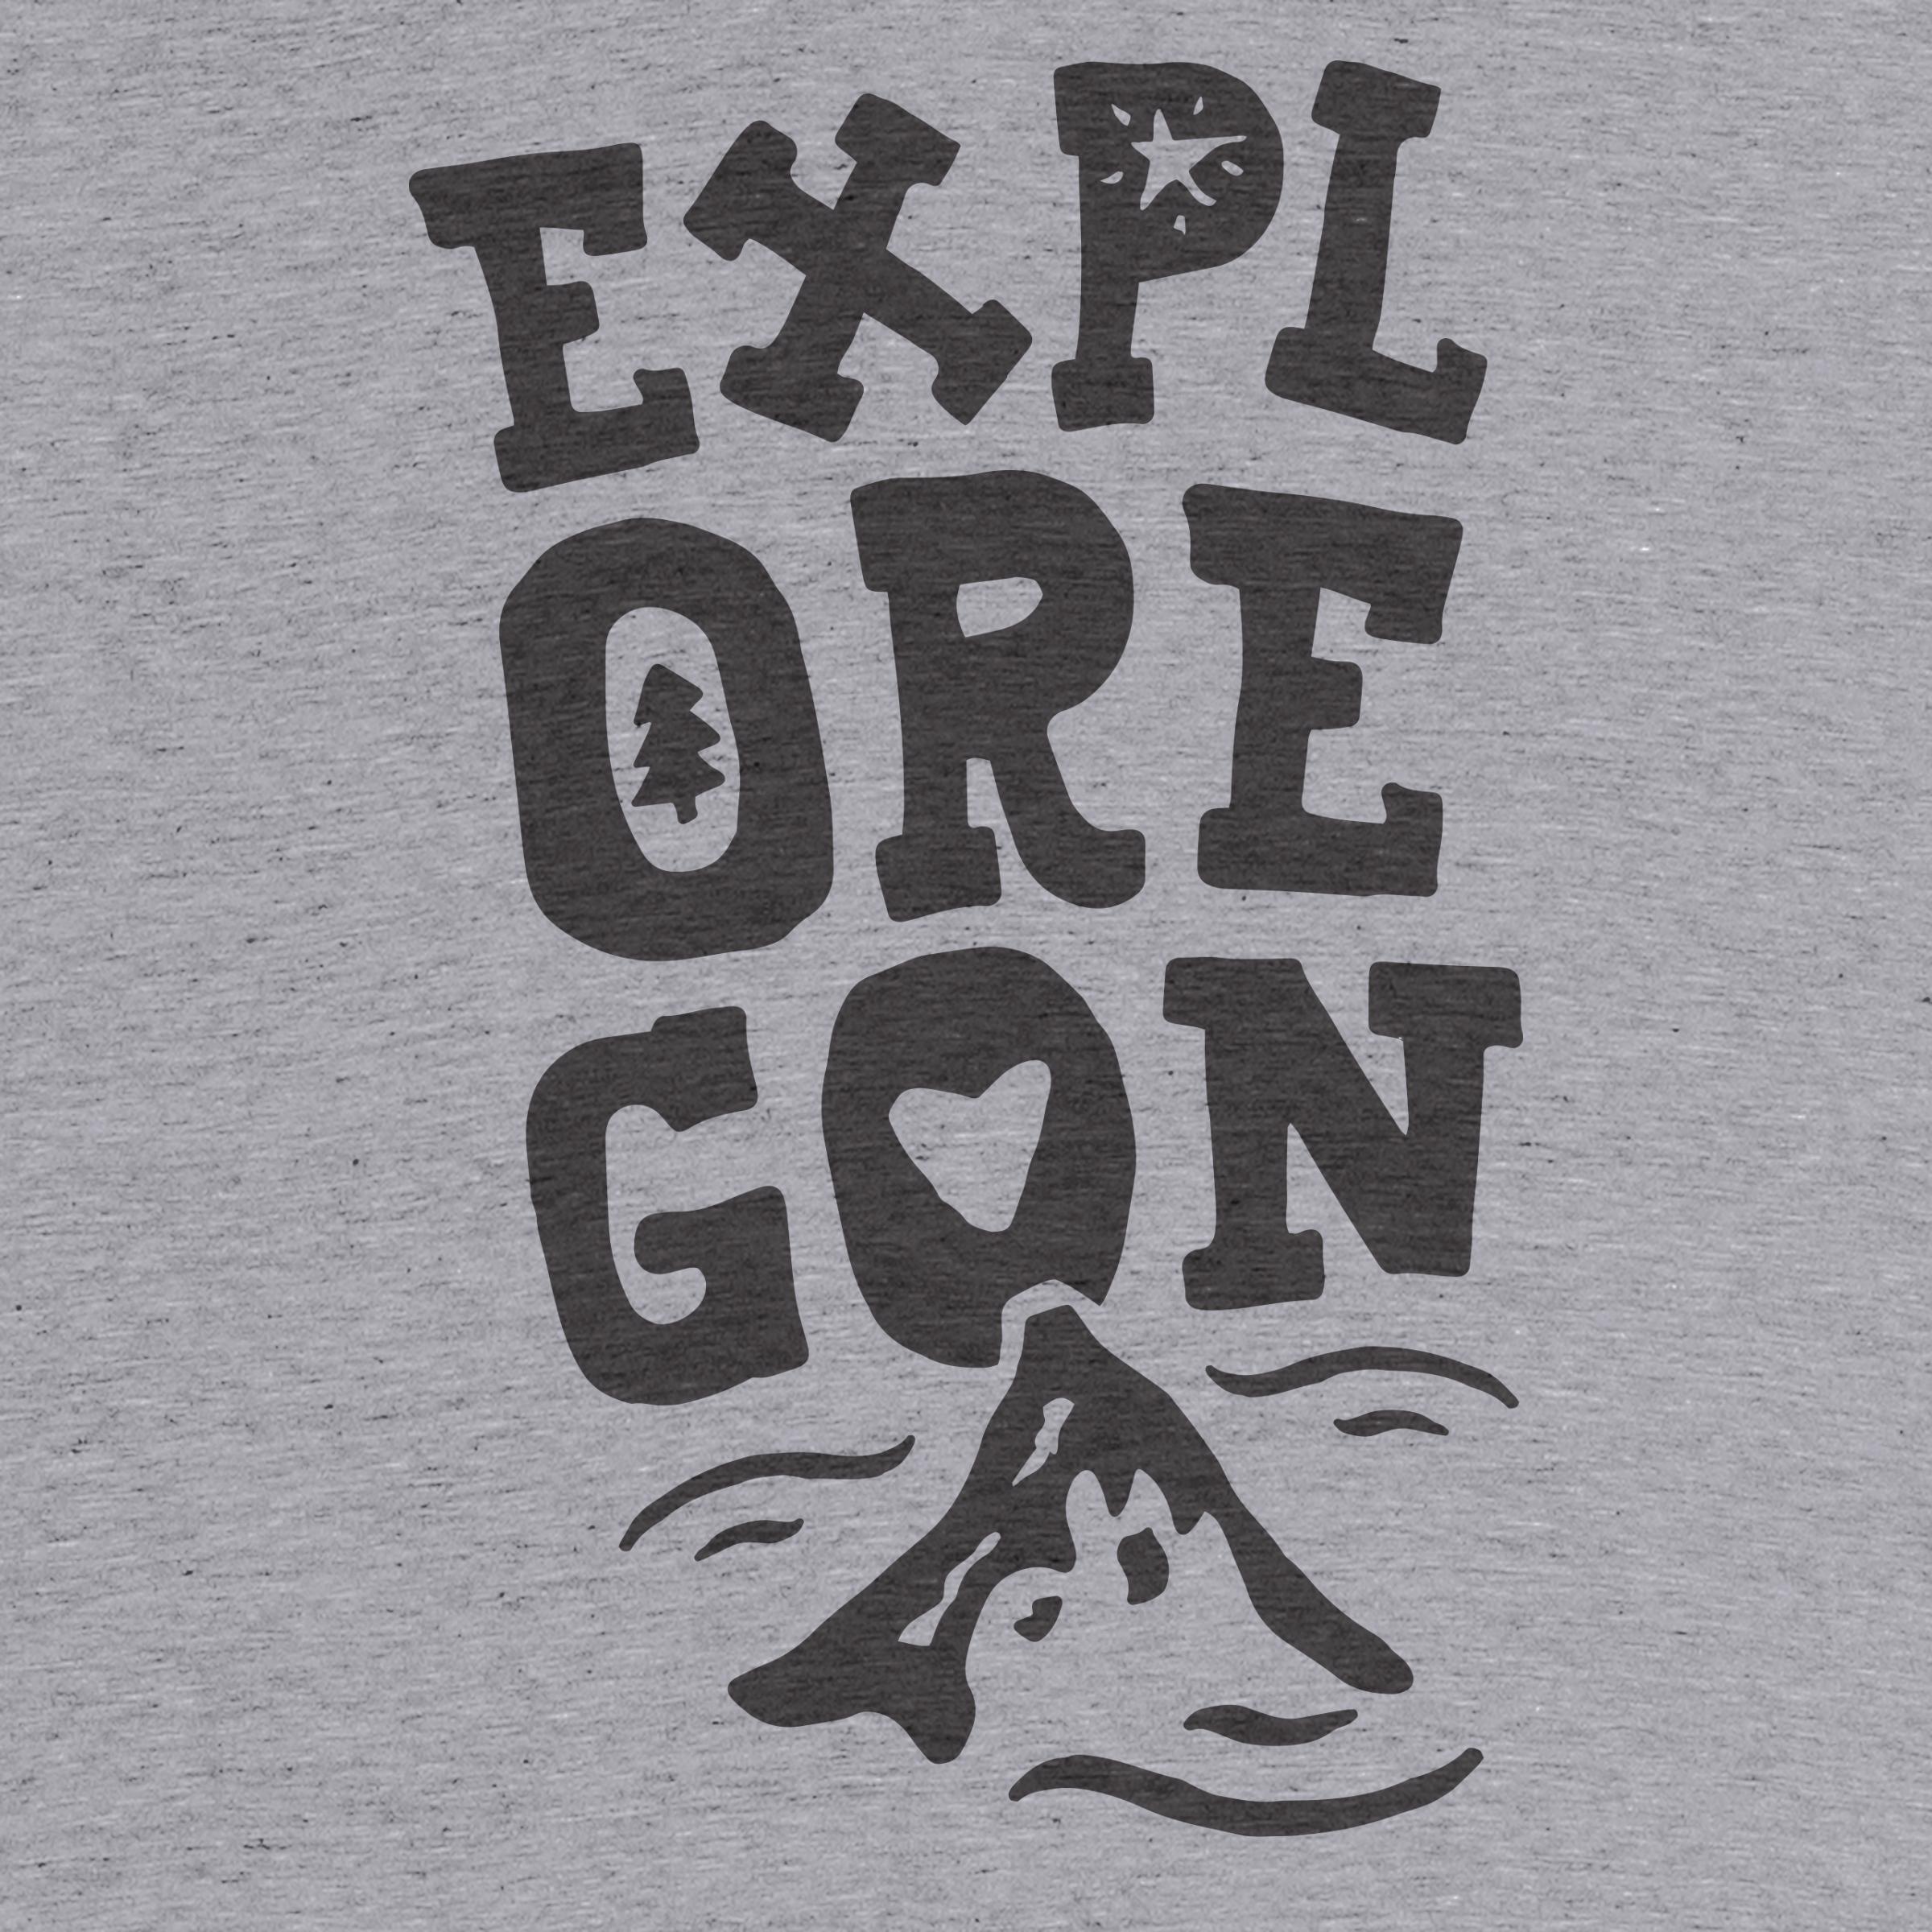 Exploregon